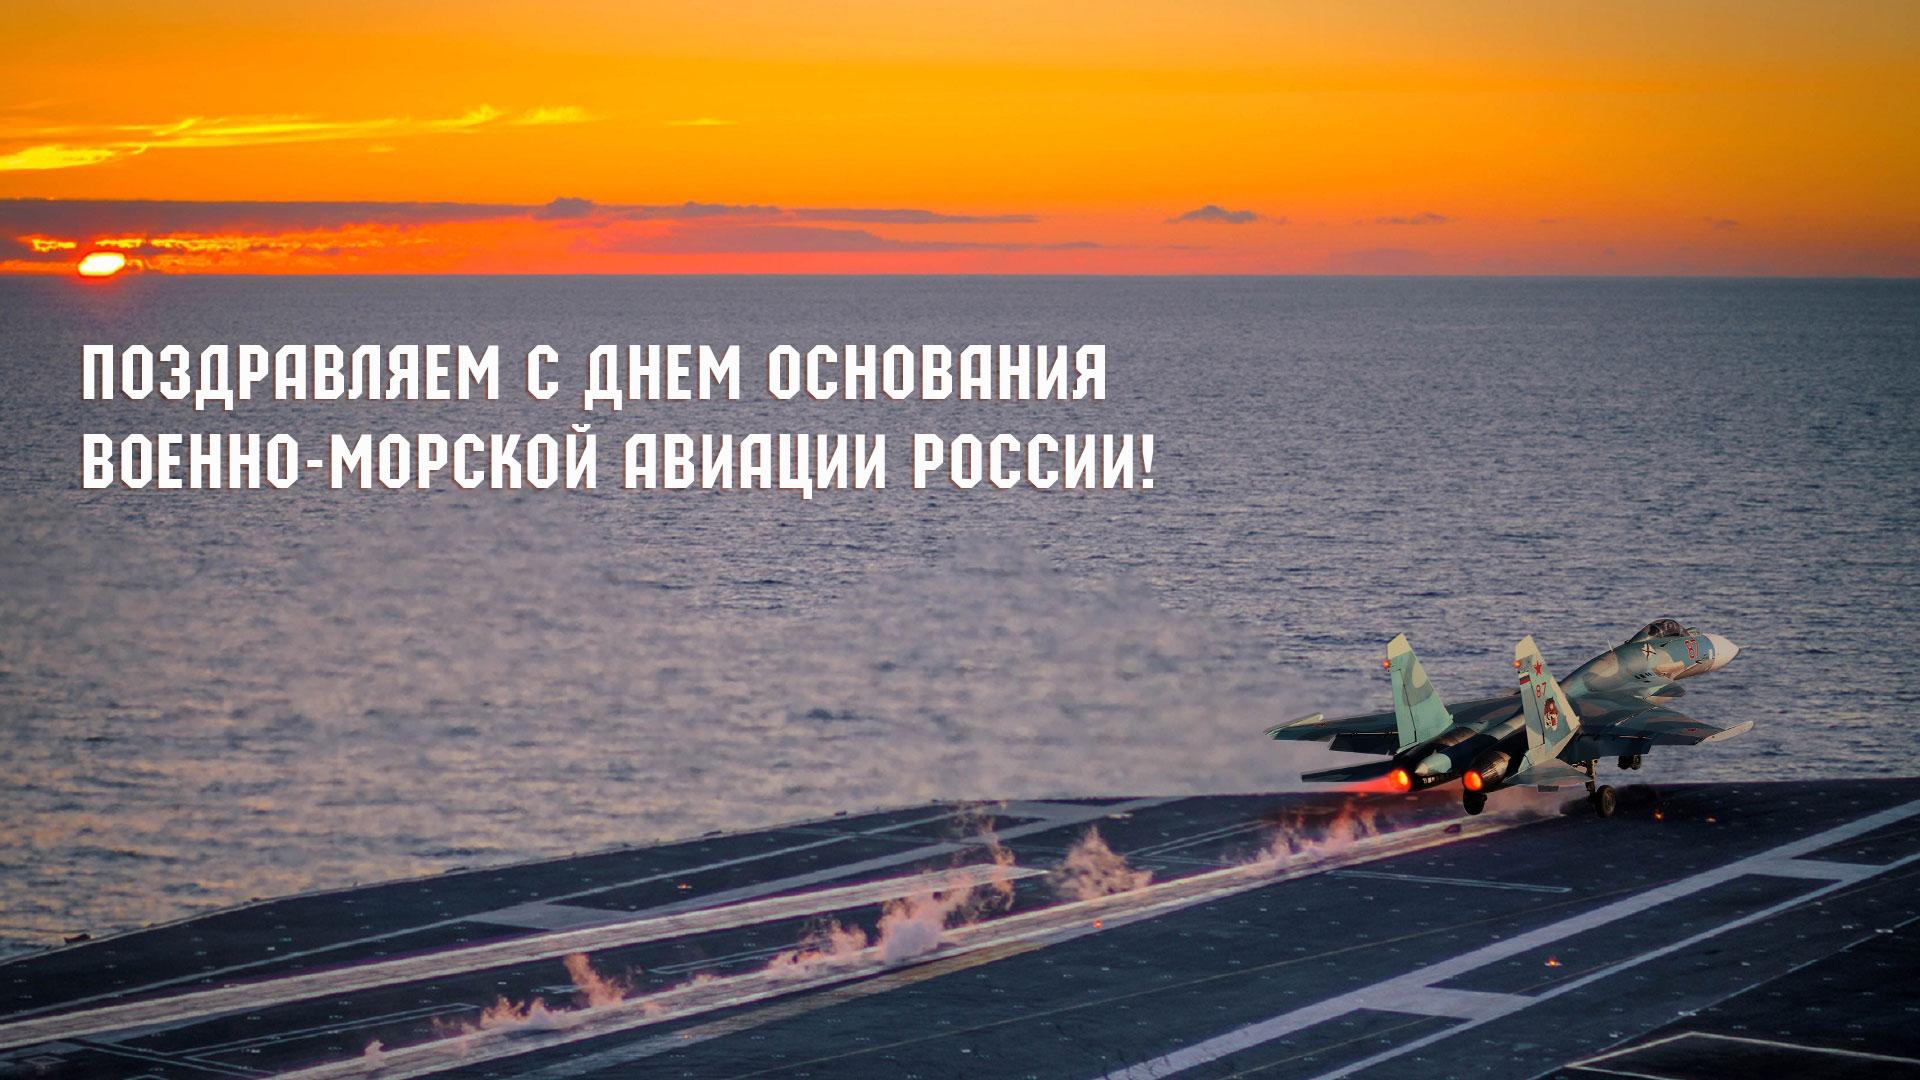 Поздравляем с Днем авиации ВМФ России!